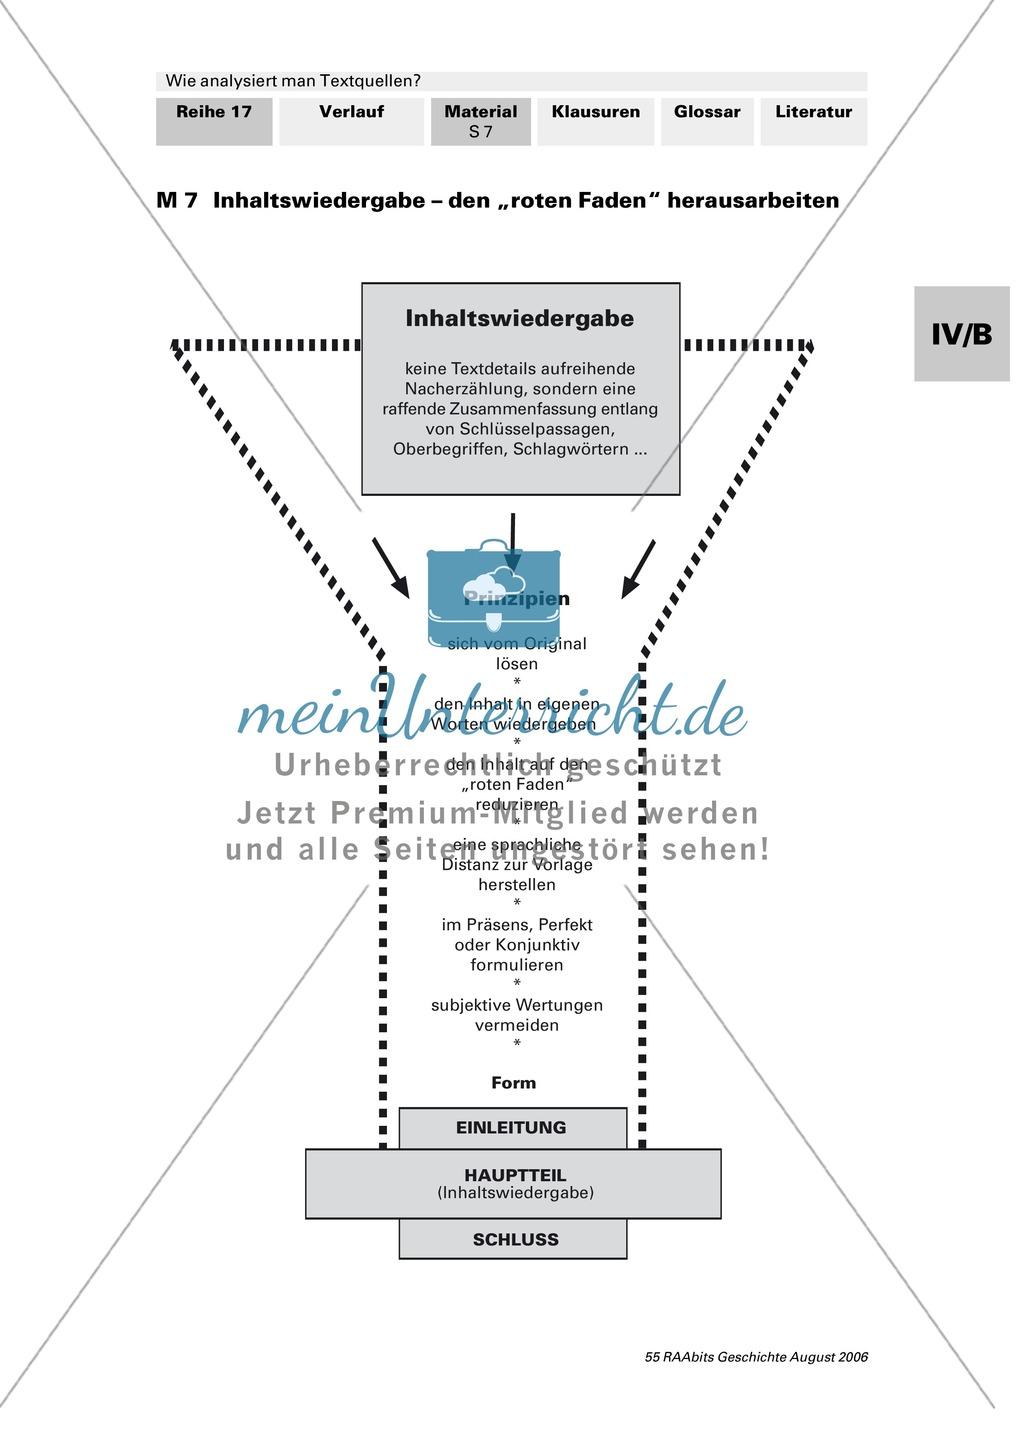 Analyse Von Textquellen Systematisierunghilfe Zur Analyse